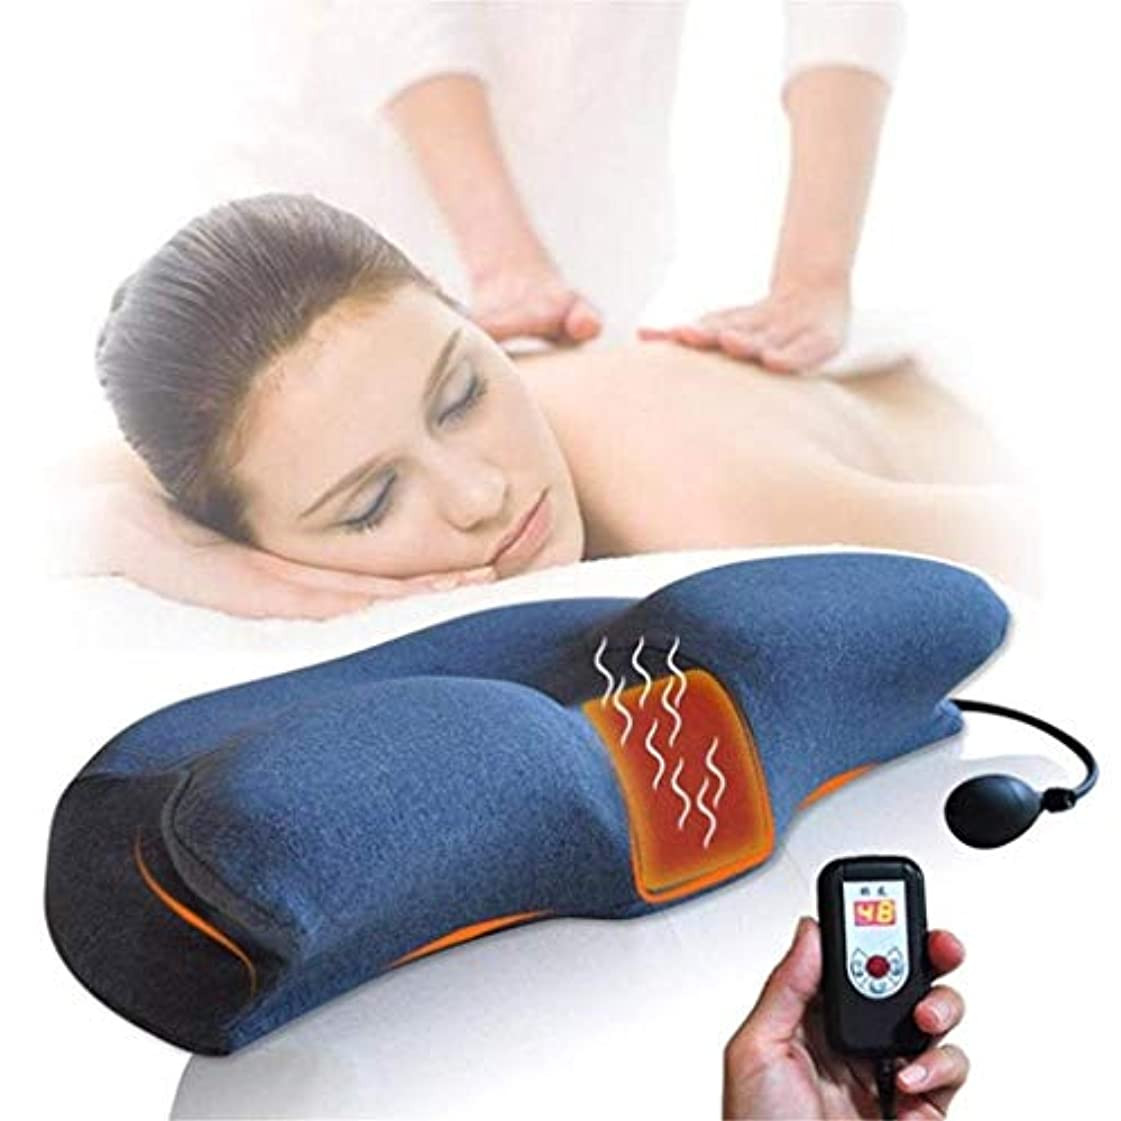 フォーマット幽霊先にマッサージ枕、メモリ枕、頸部牽引装置、インフレータブルヘルスケア整形外科マッサージ枕、睡眠肩枕の促進